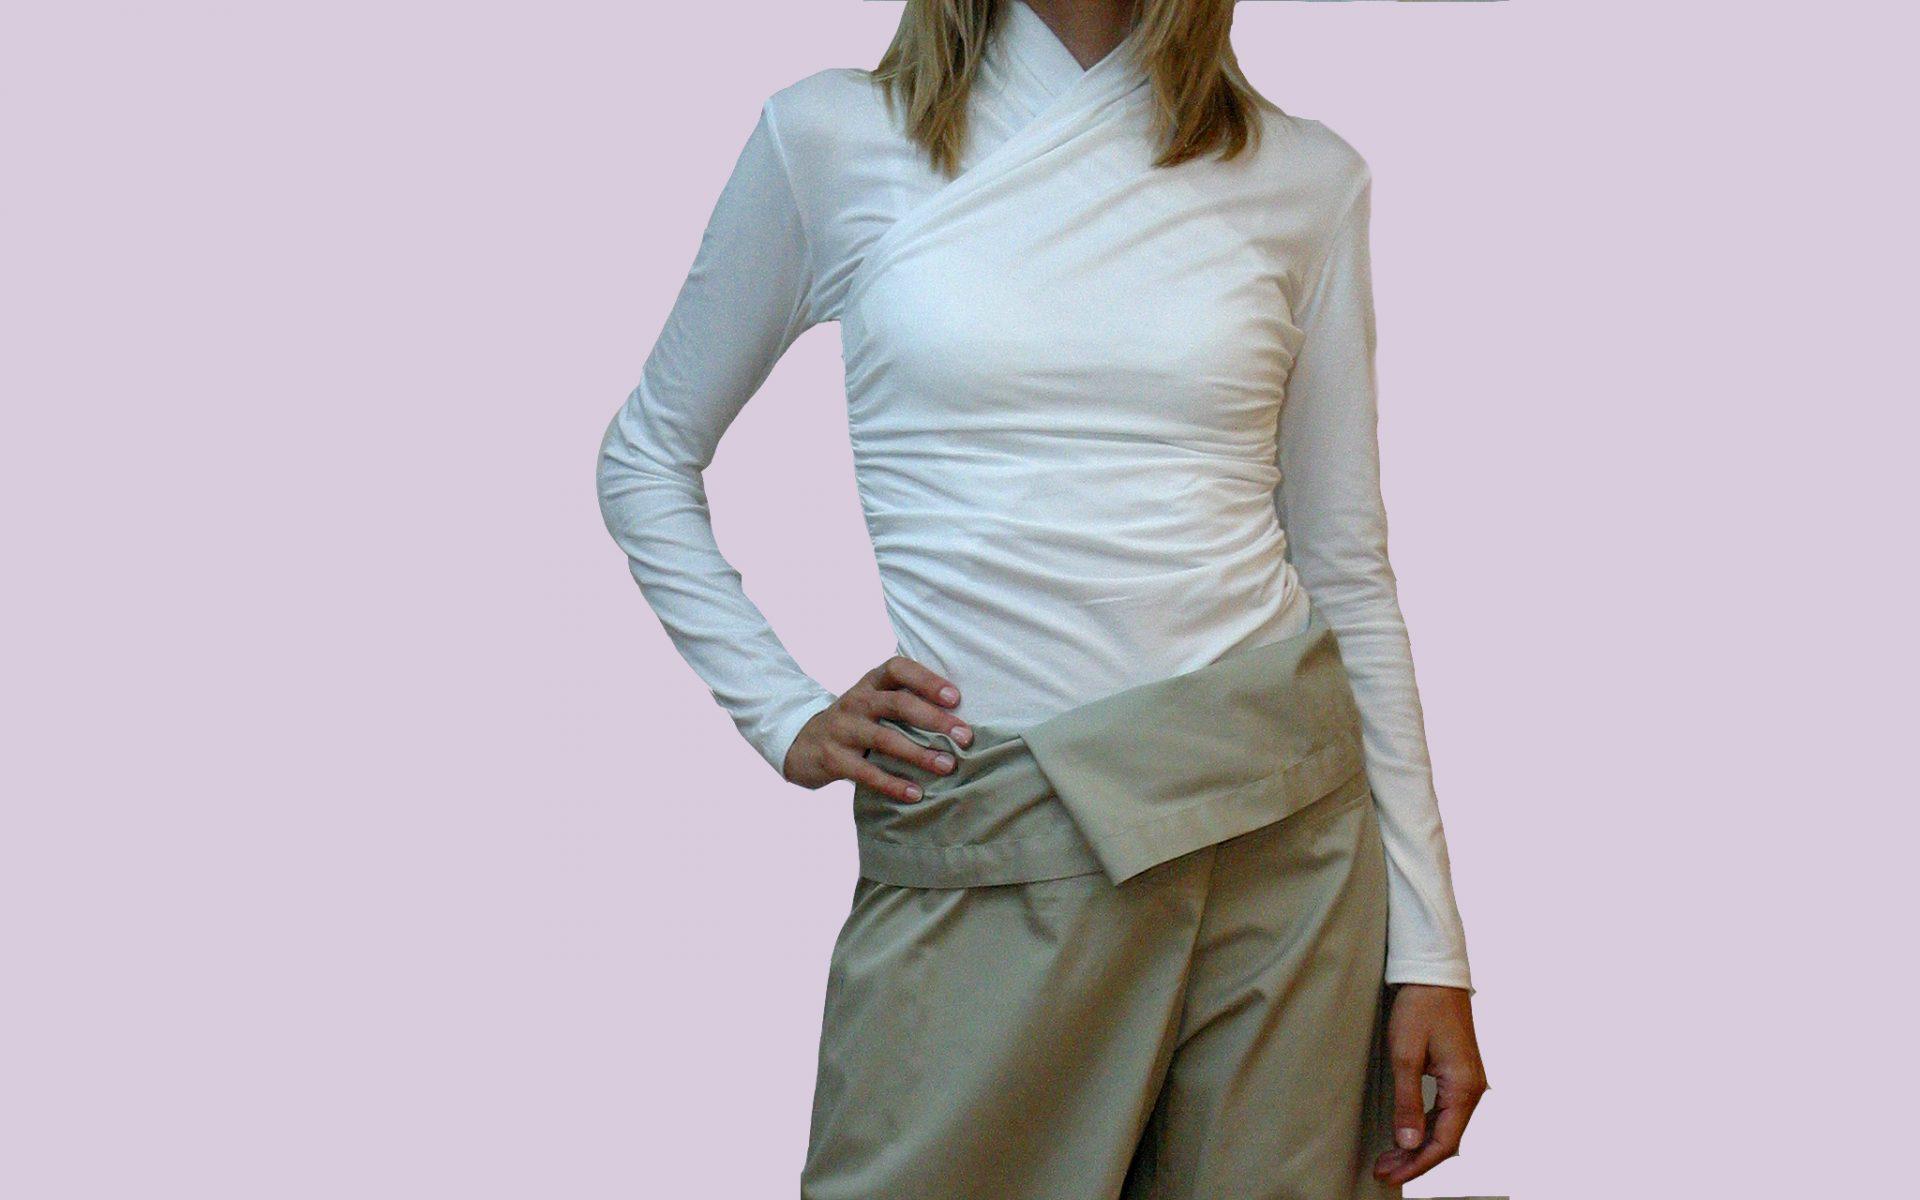 Modna radna odjeća za muškarce i žene